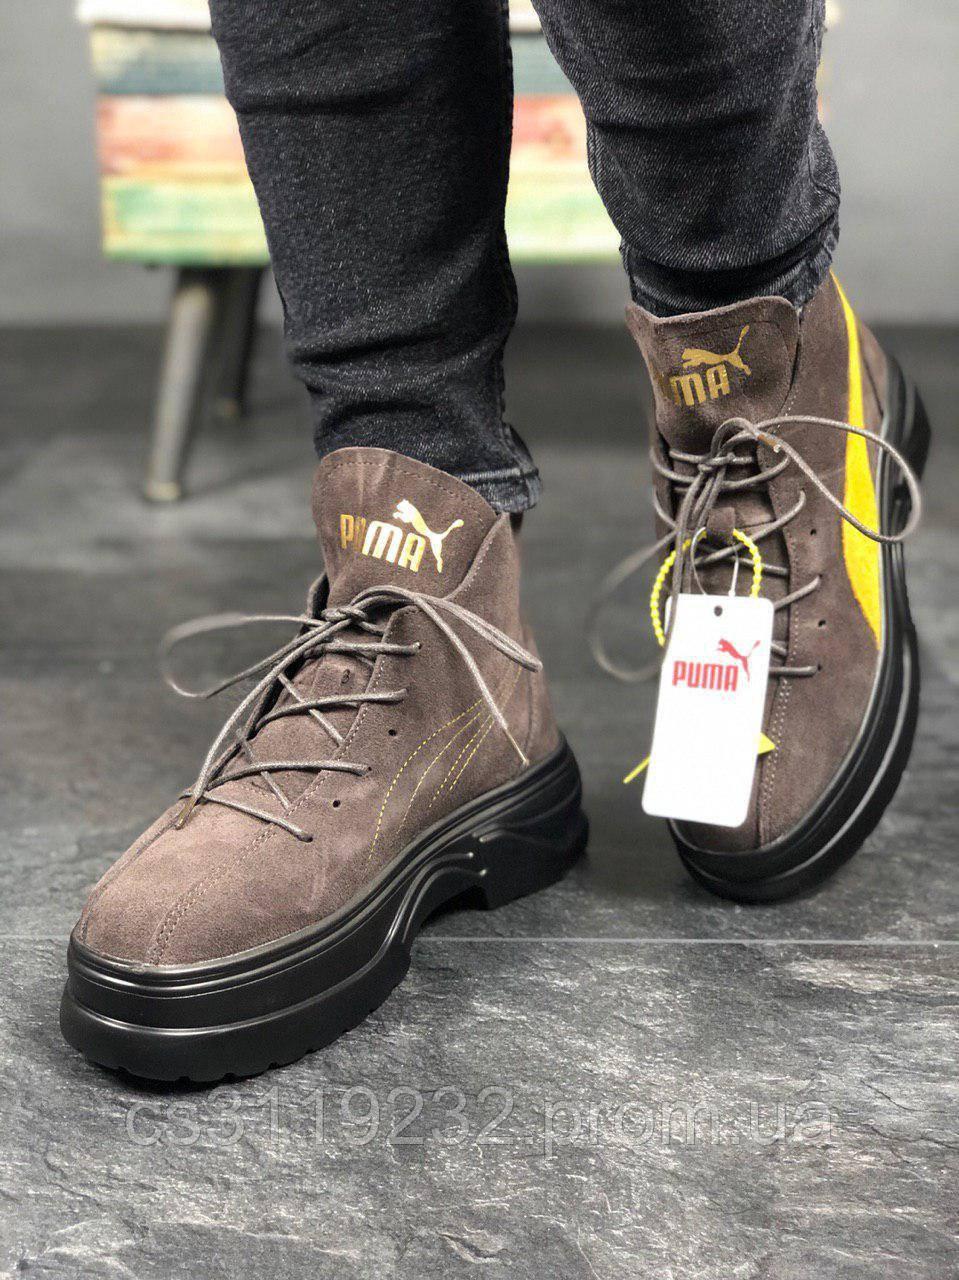 Жіночі черевики Puma Spring Boots Brown Yellow Black (коричневі)